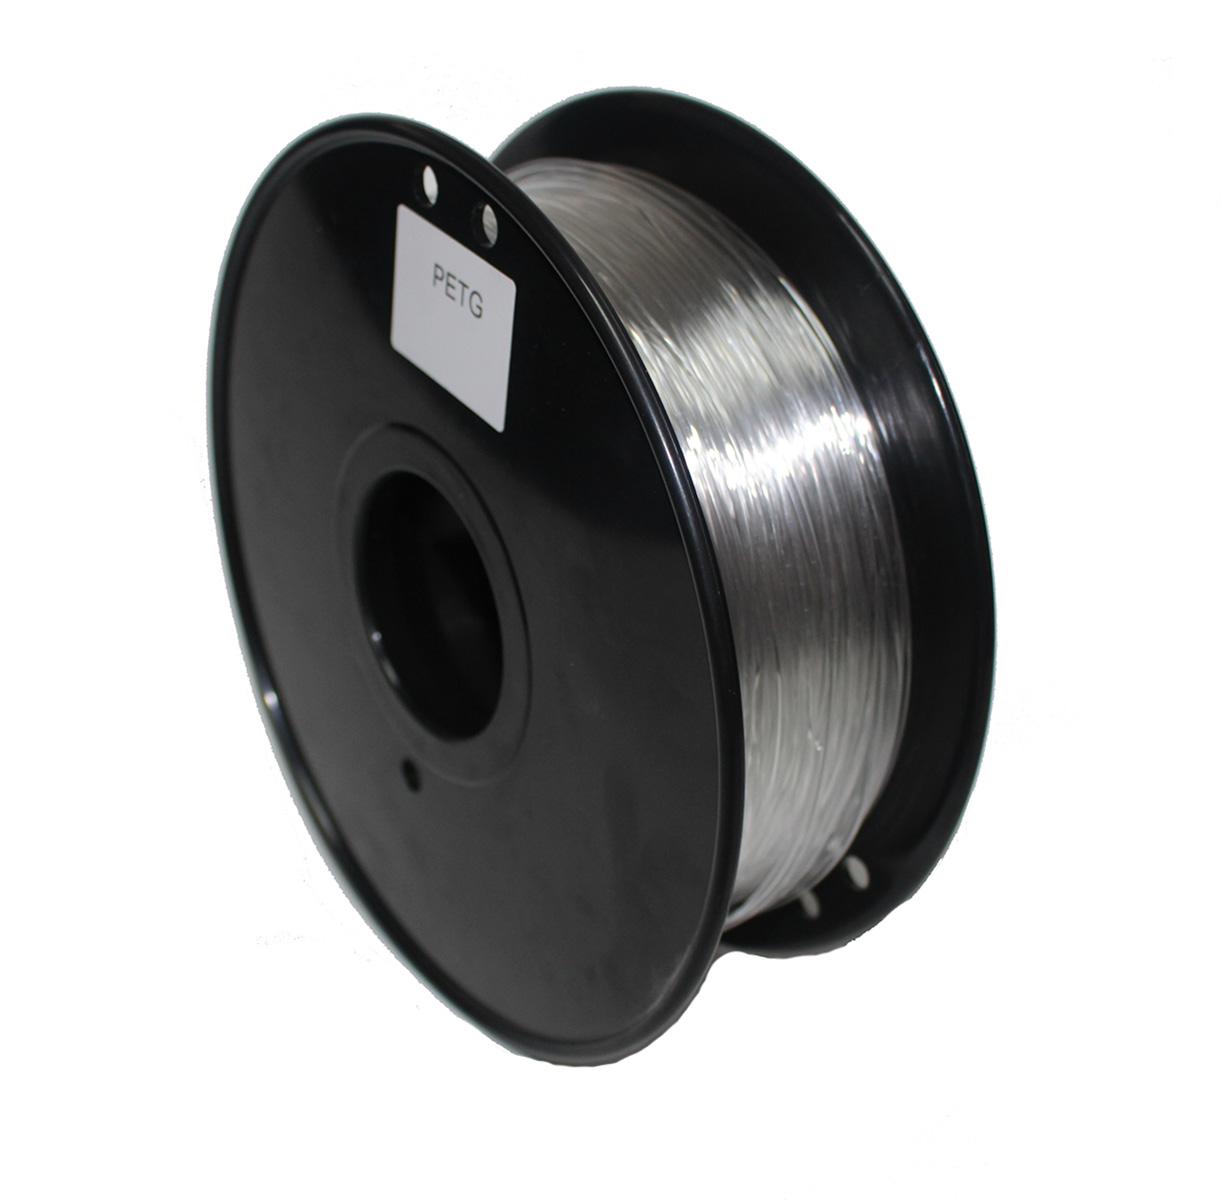 PETG Filament